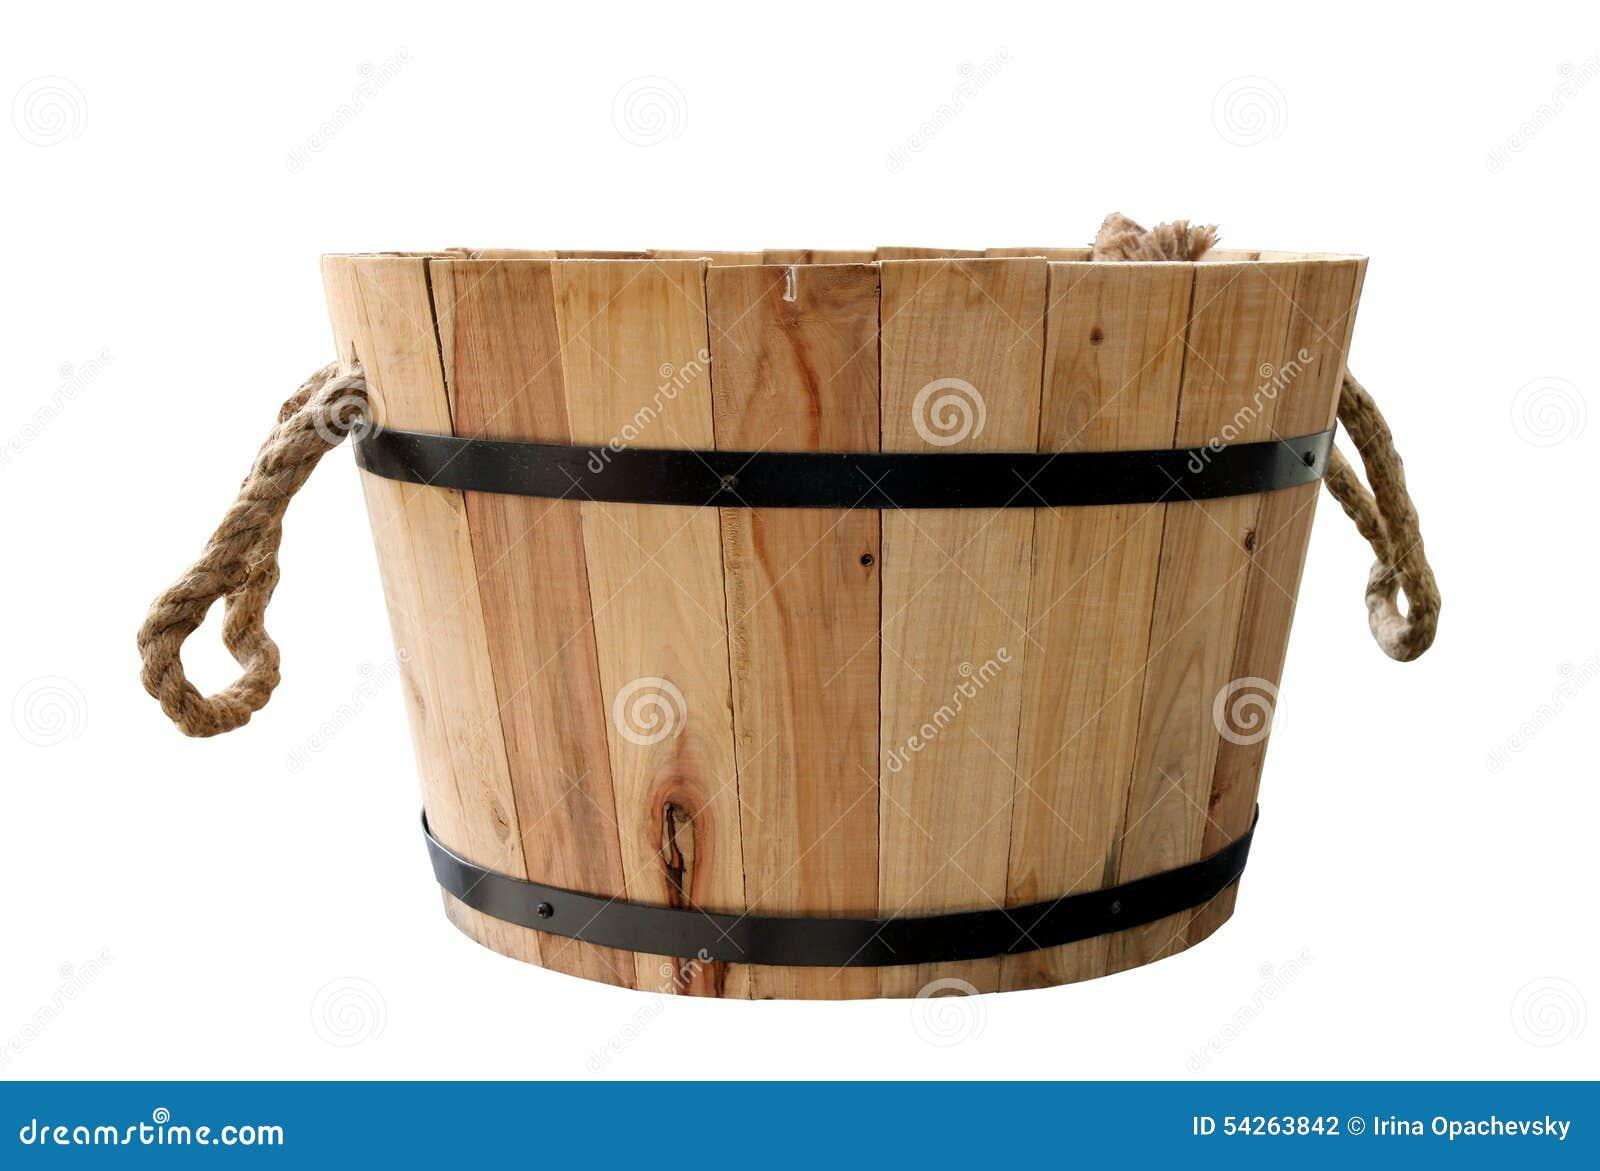 Baquet en bois photo stock image 54263842 - Baquet en bois jardin ...